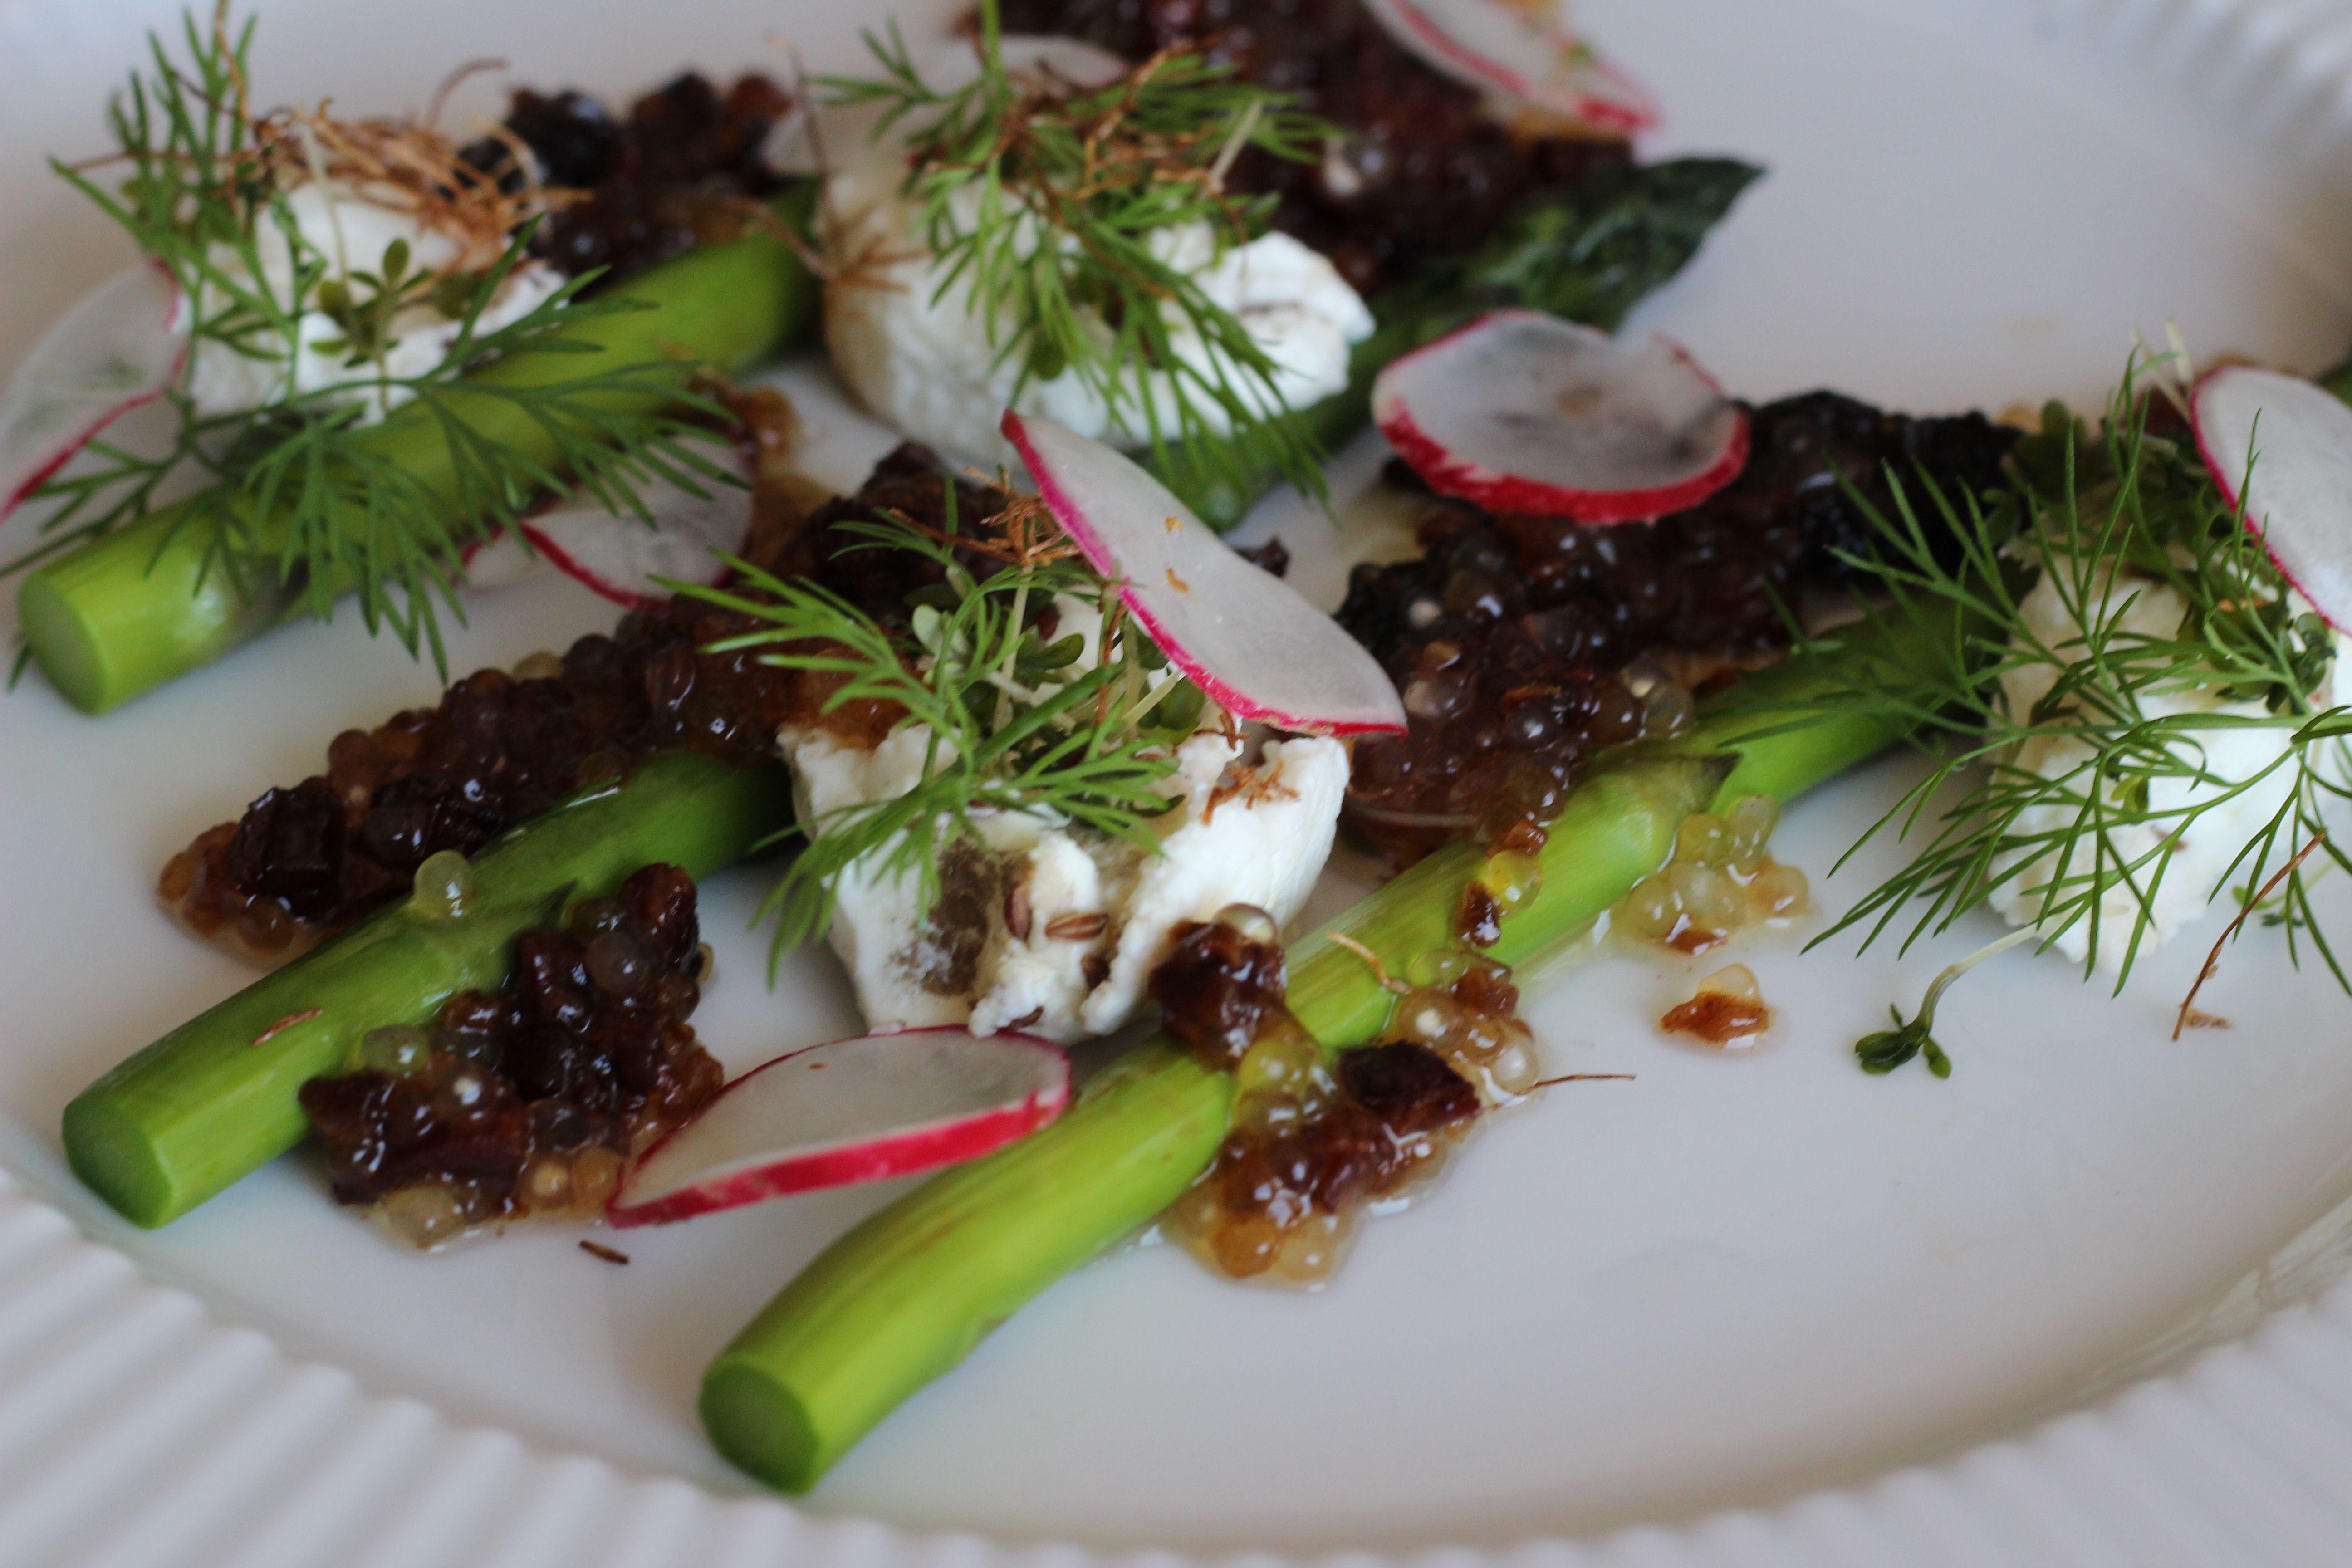 Det er forår, og det er tid til floskler og klichéer. Og asparges. Masser af asparges. Her serveret med morkler og fynsk rygeost. Nemt og lækkert.